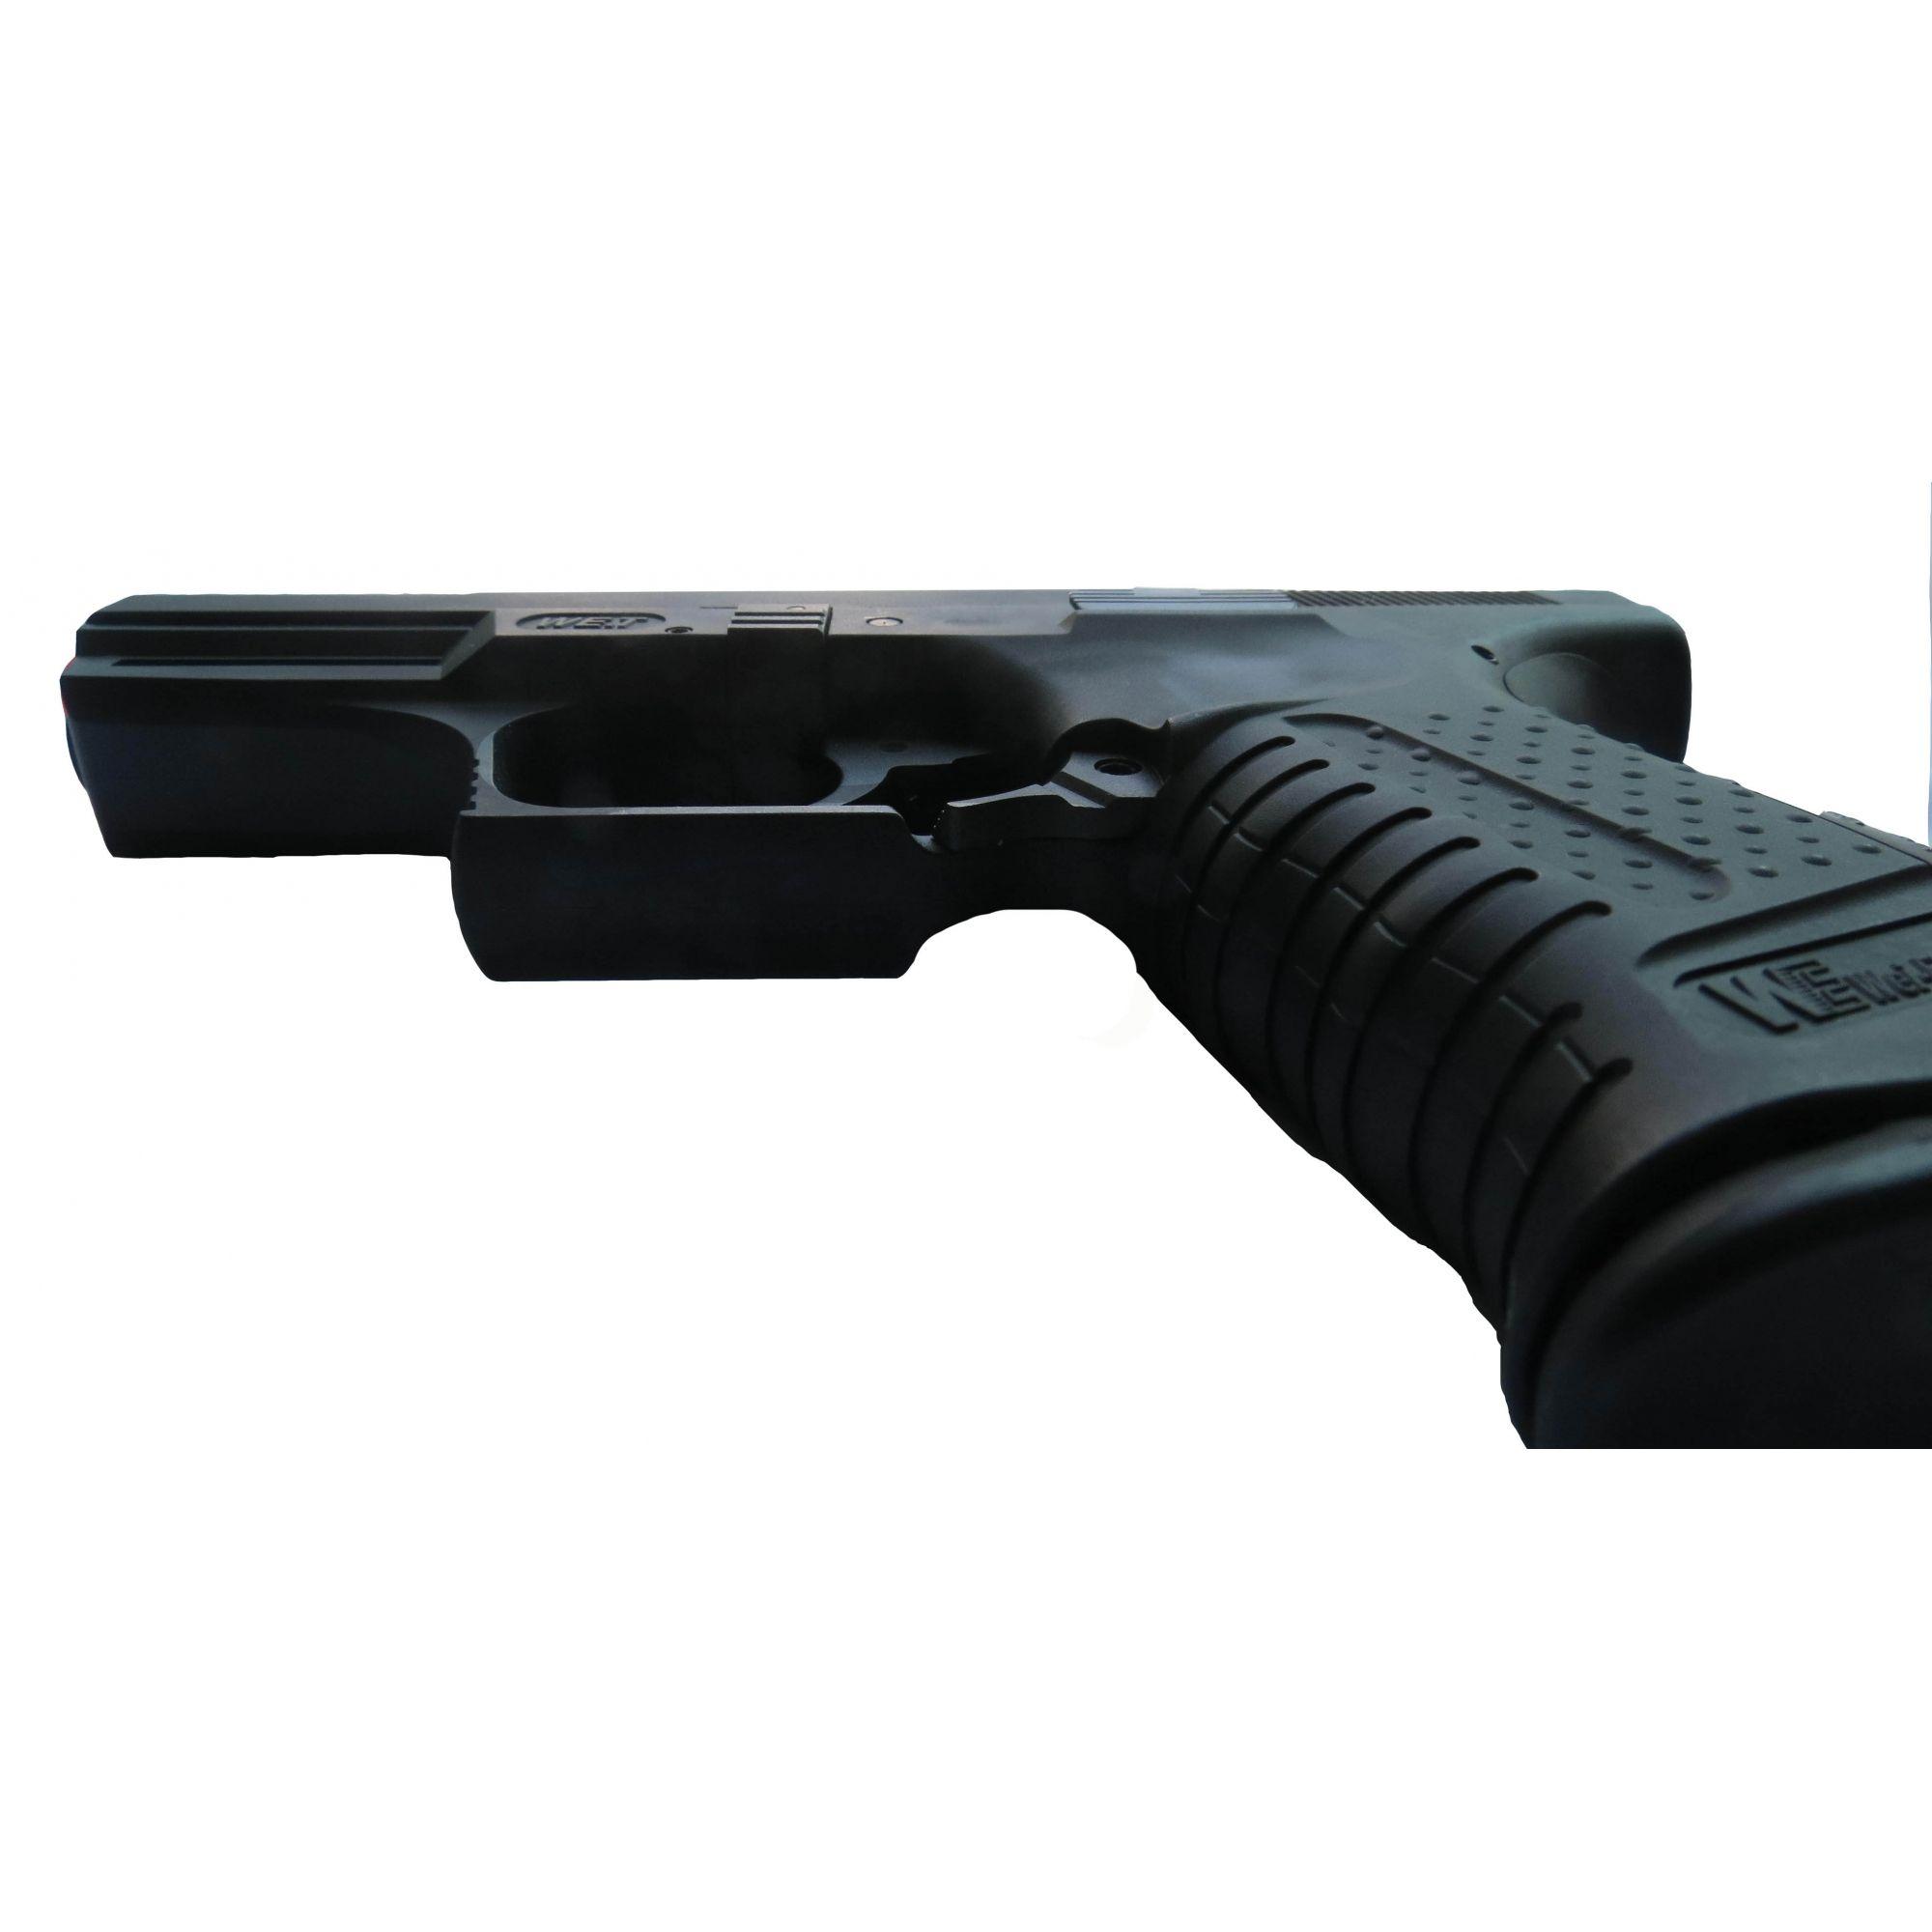 Pistola Airsoft WE TTI God of War GBB Full Metal Preta - Calibre 6 mm  - MAB AIRSOFT